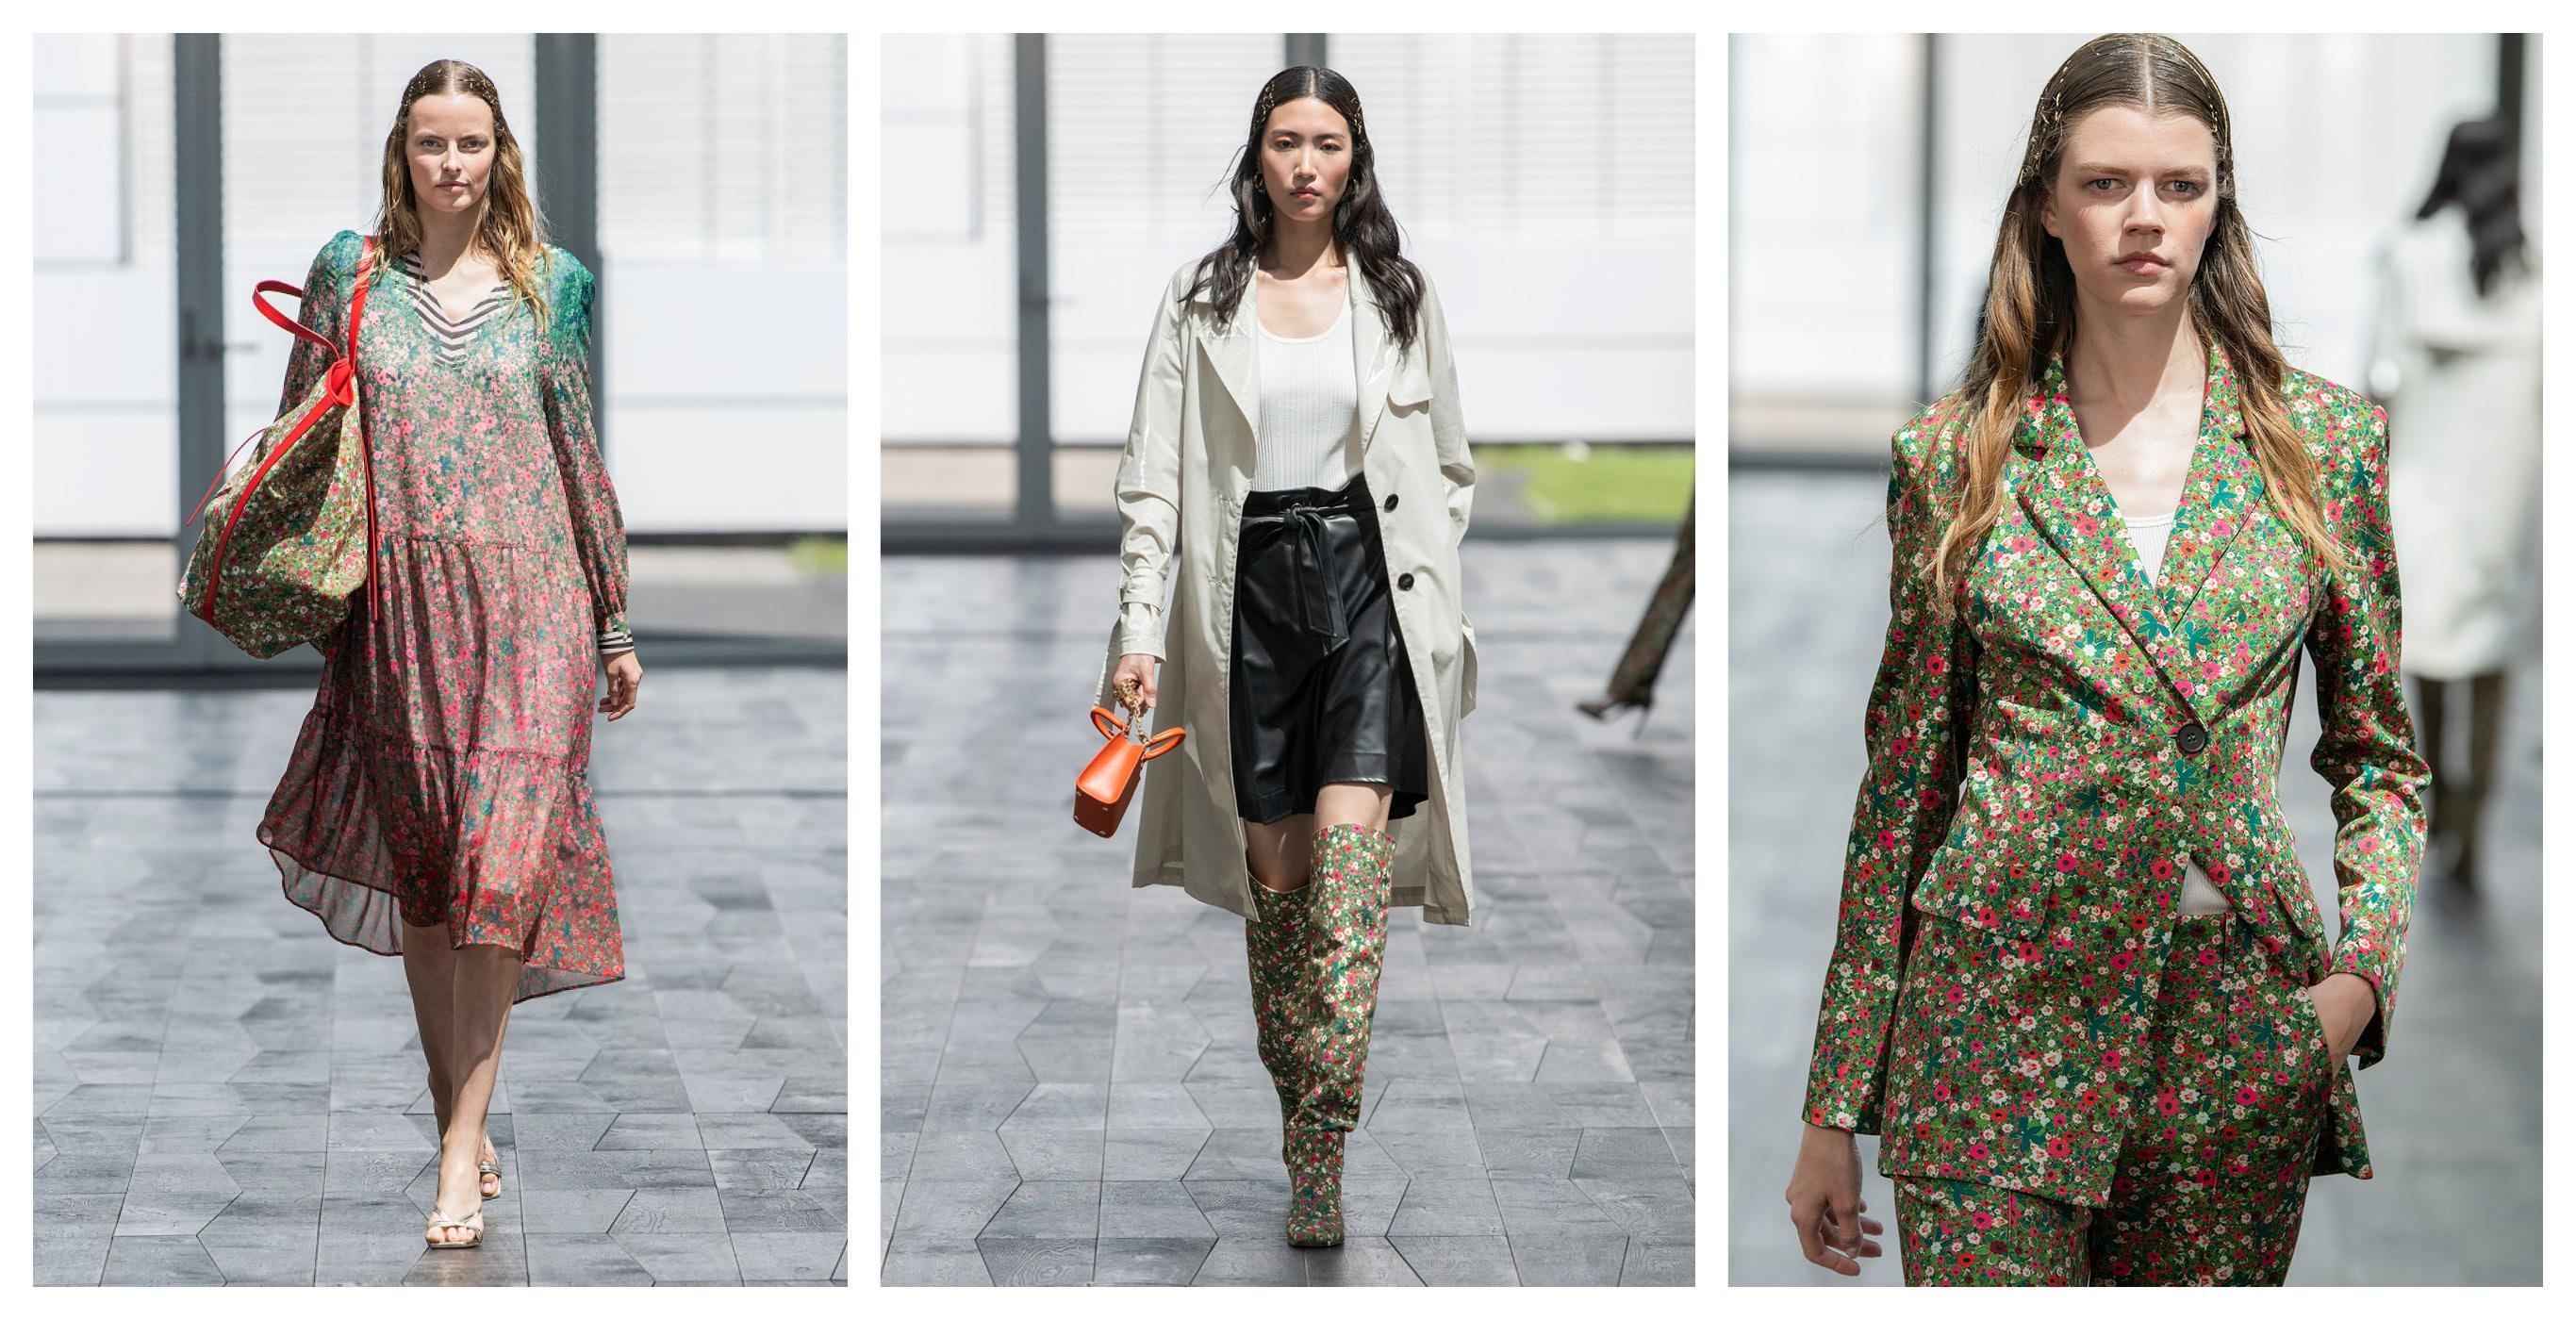 SaisonQ_FashionFilm_Slider3_Catwalk